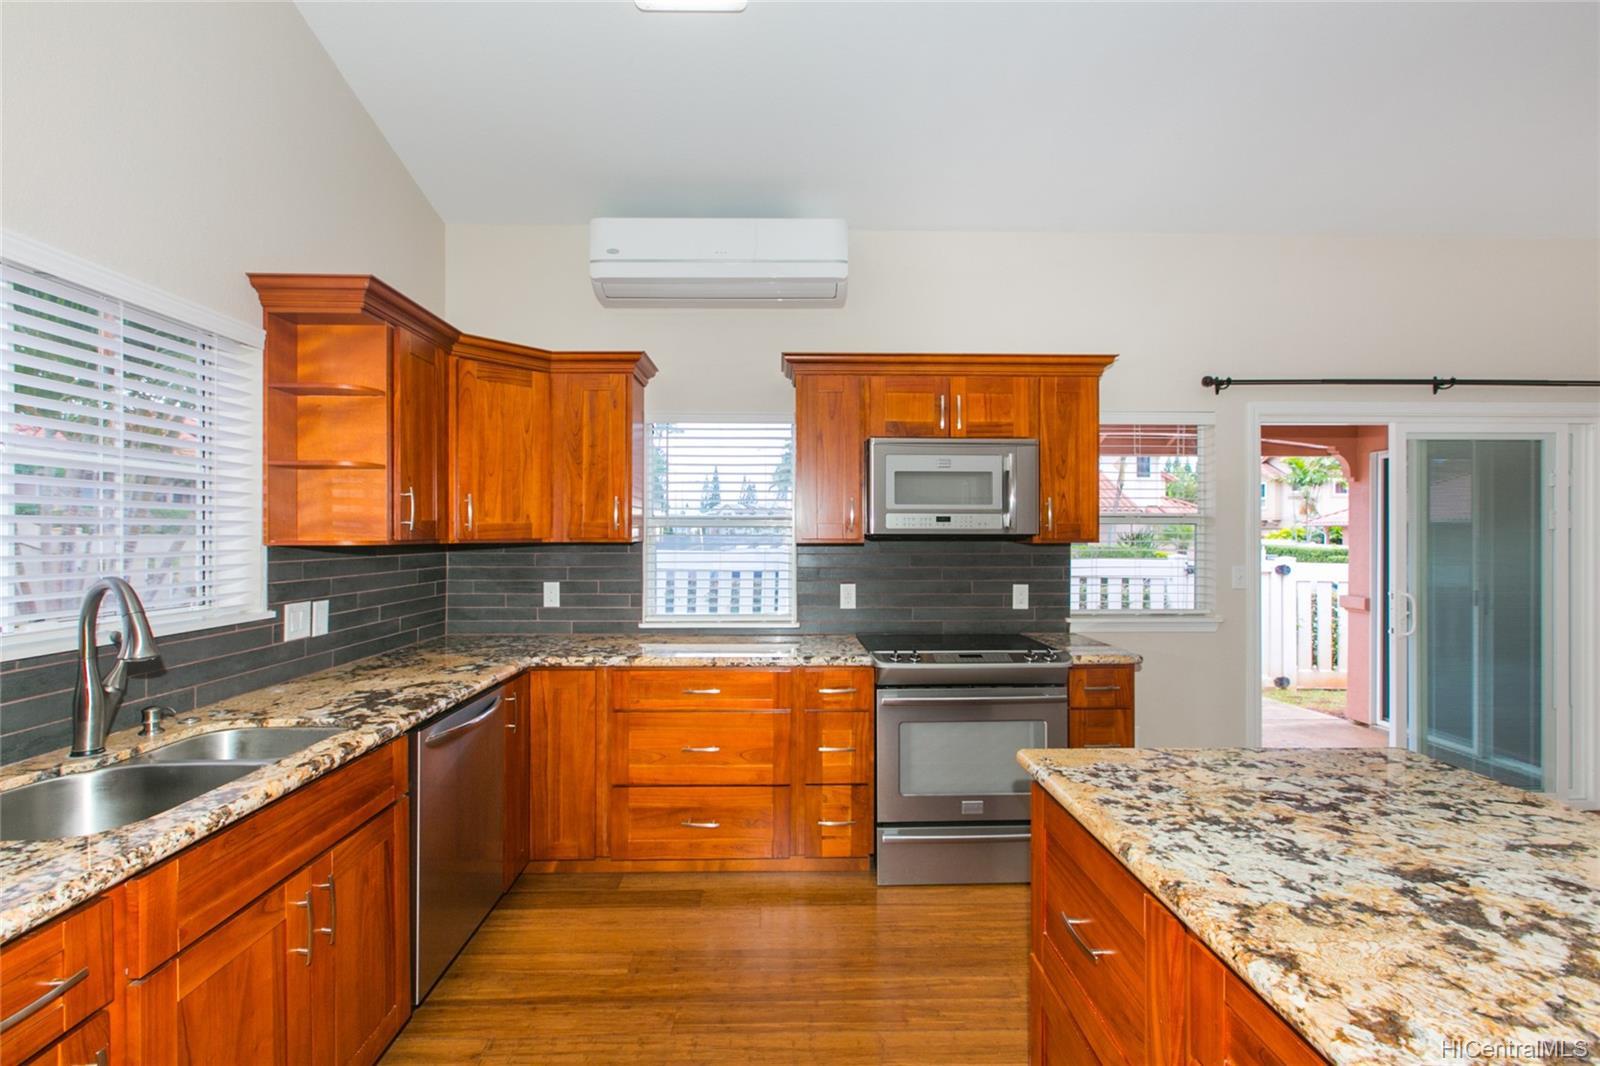 202023896 Waikele, Waipahu ,Hi 96797, - rental